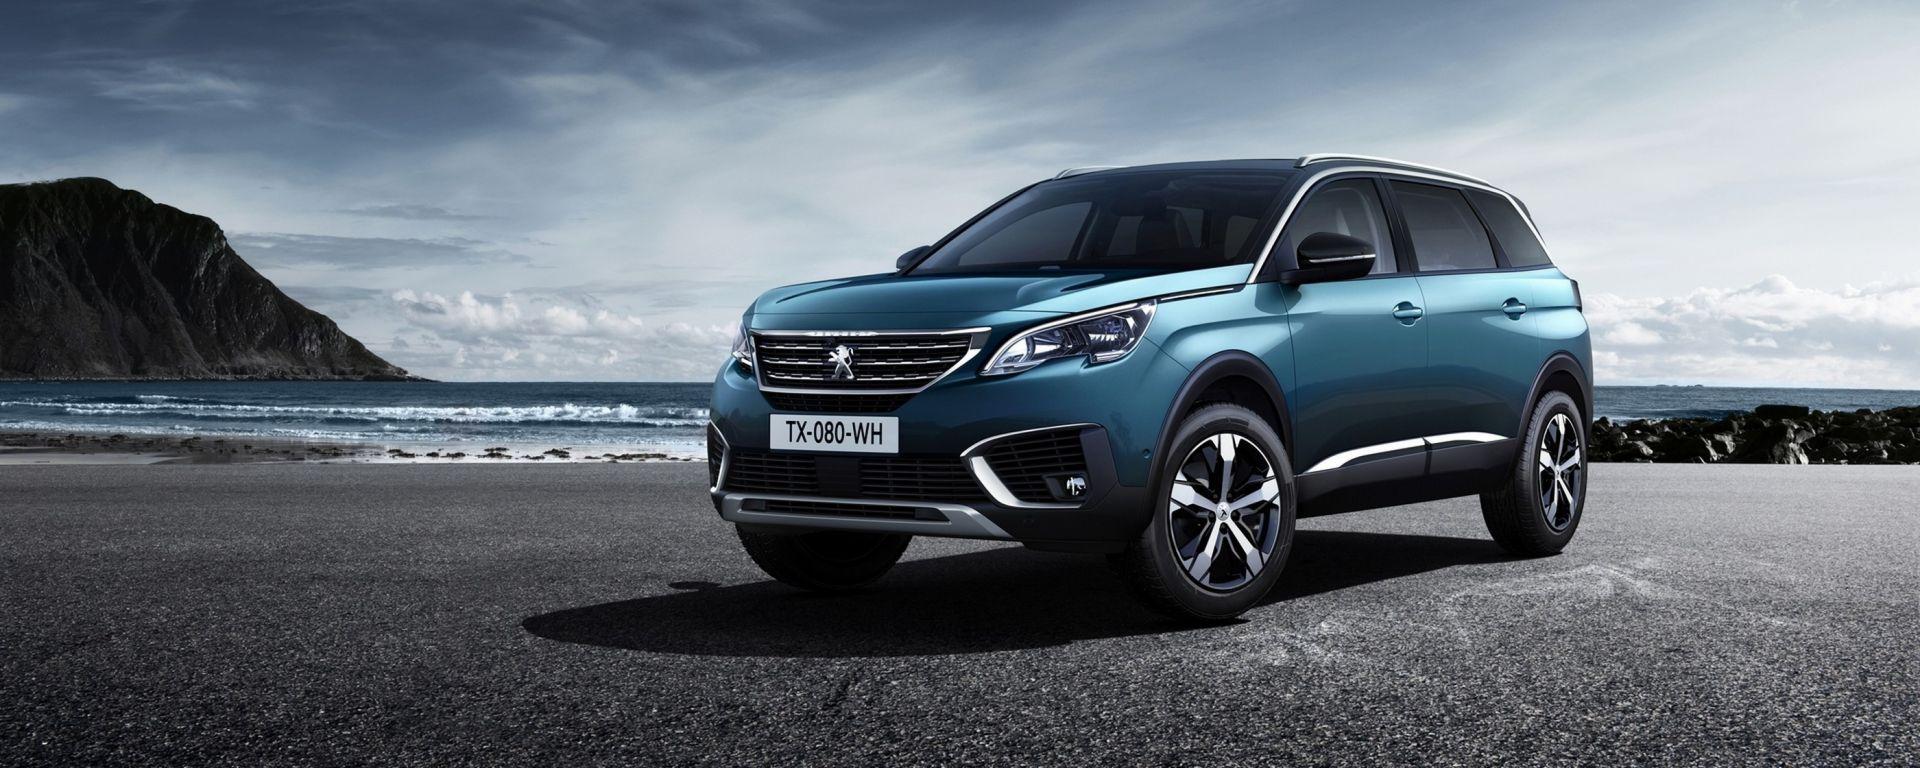 Peugeot 5008: cambio di direzione